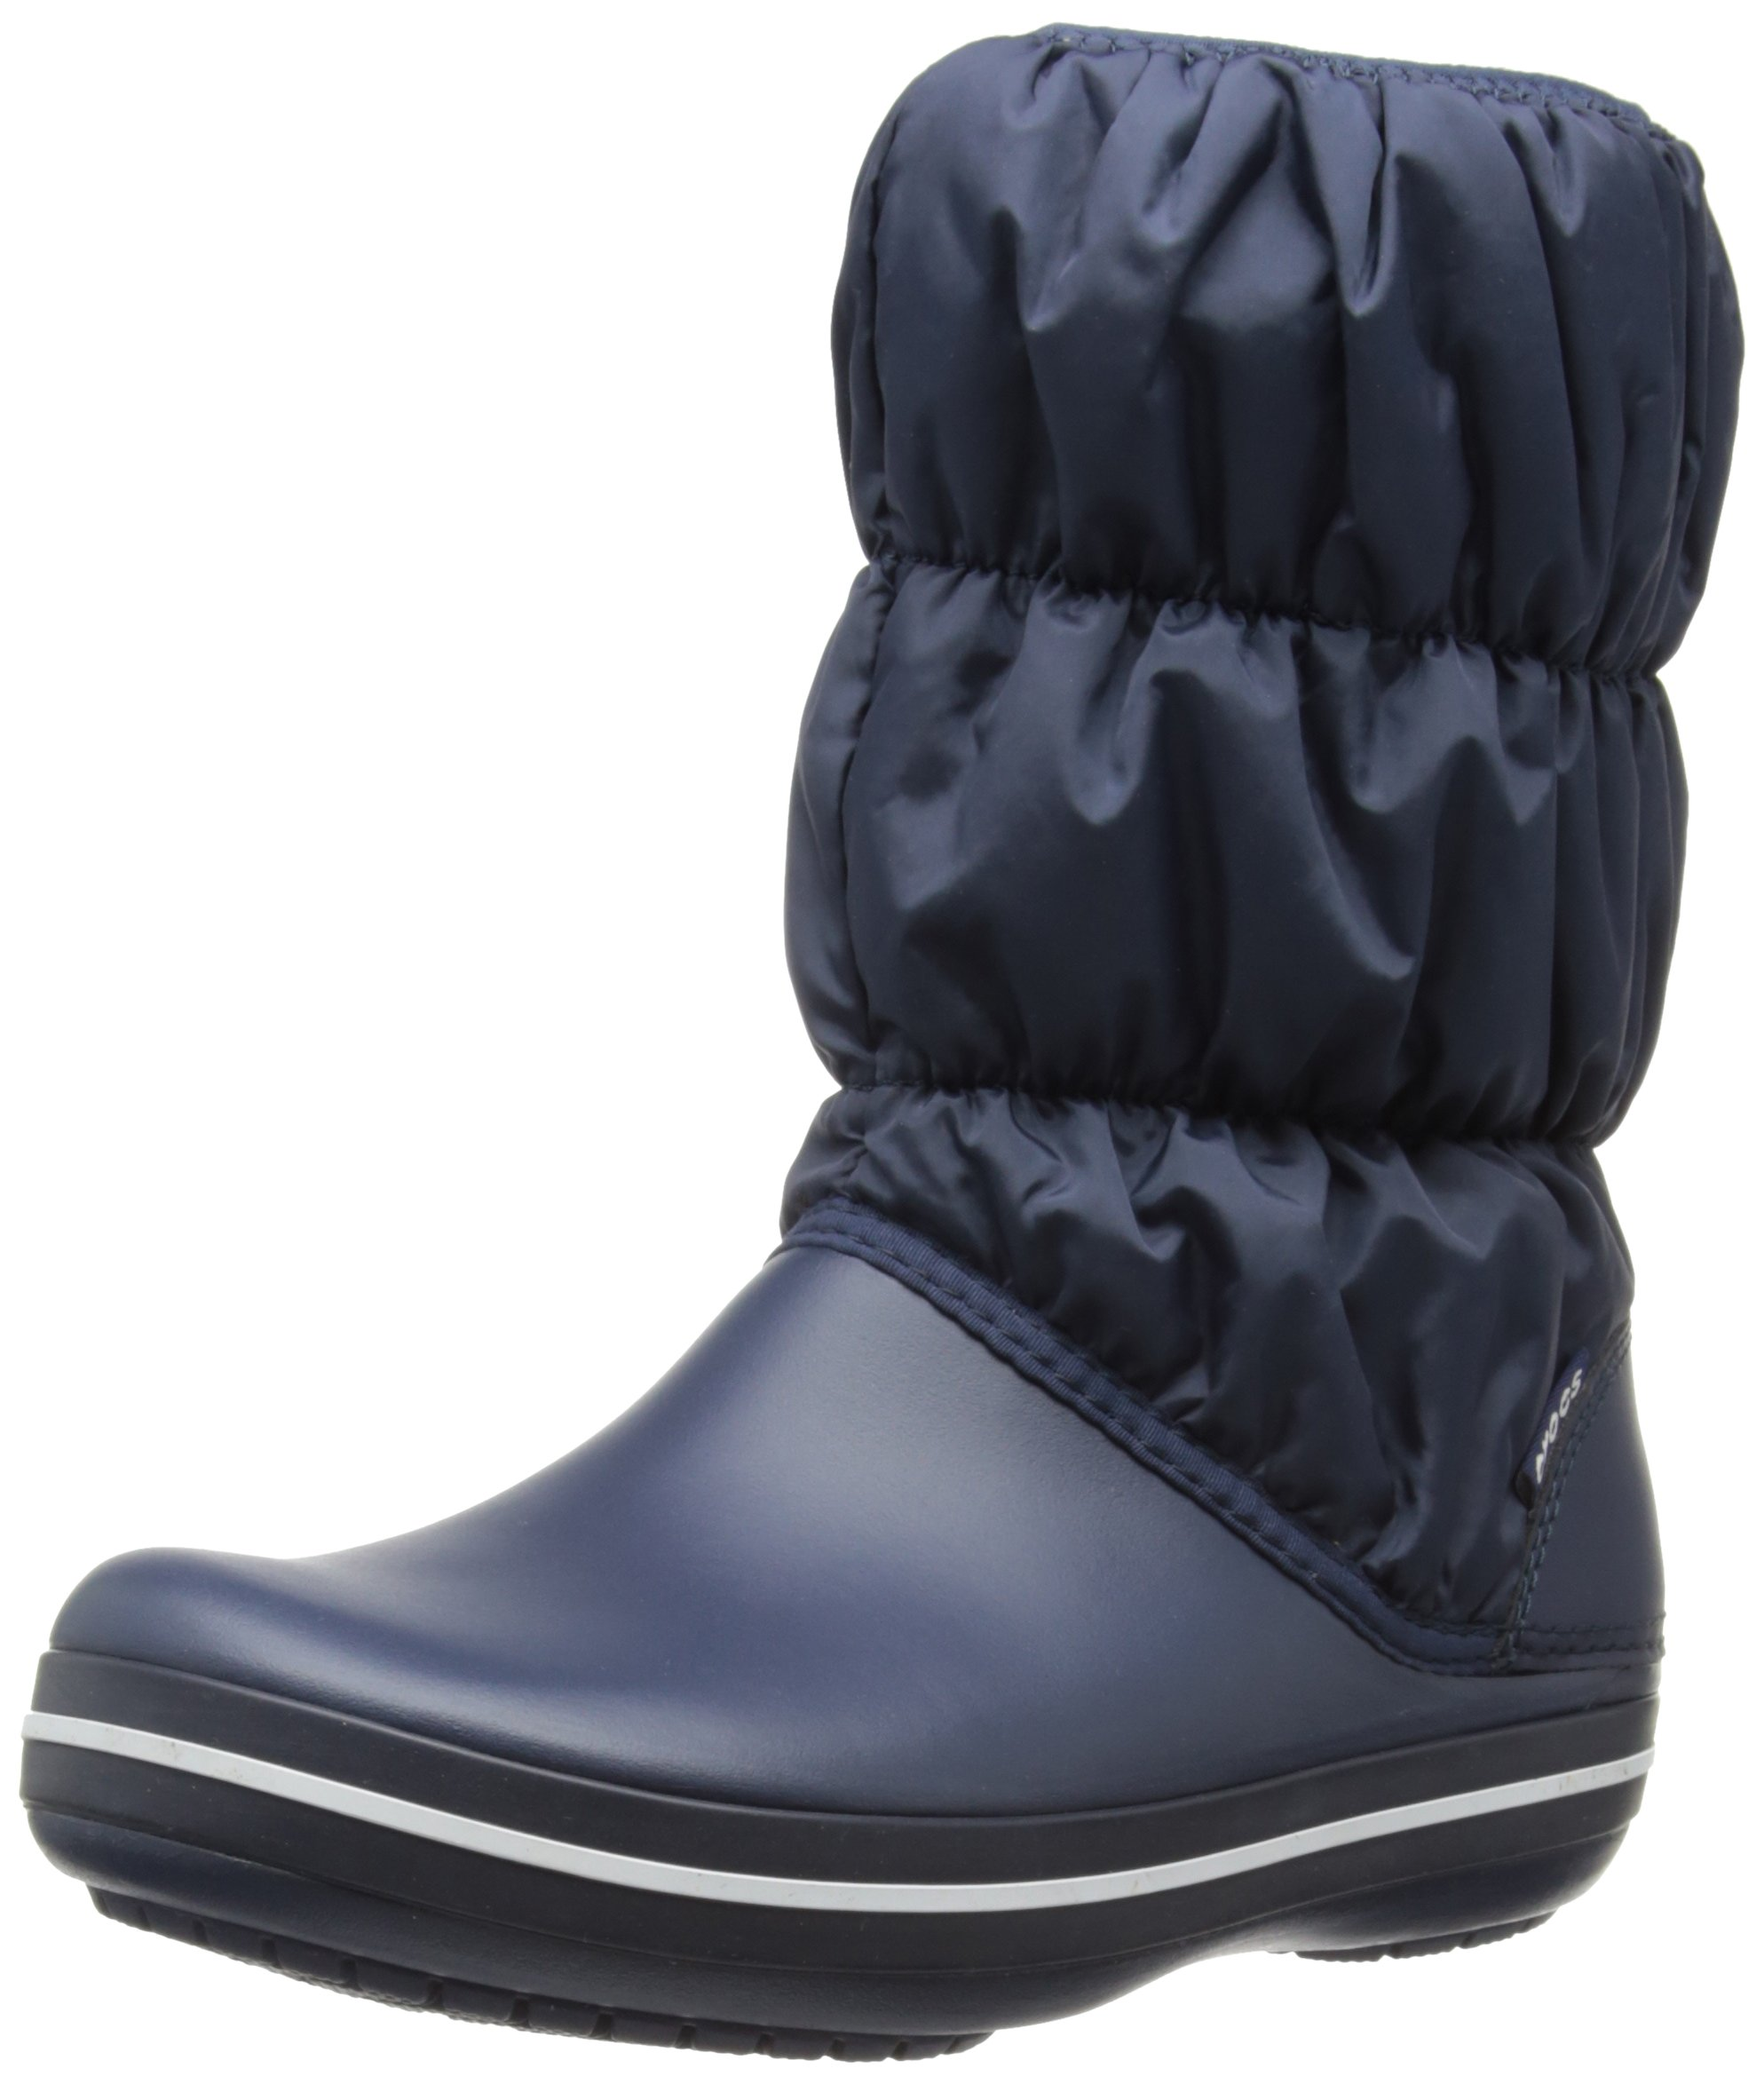 Neige Eu Puff navy37 Boot Crocs Winter De WomenBottes FemmeBleunavy 38 KJ1TcF3l